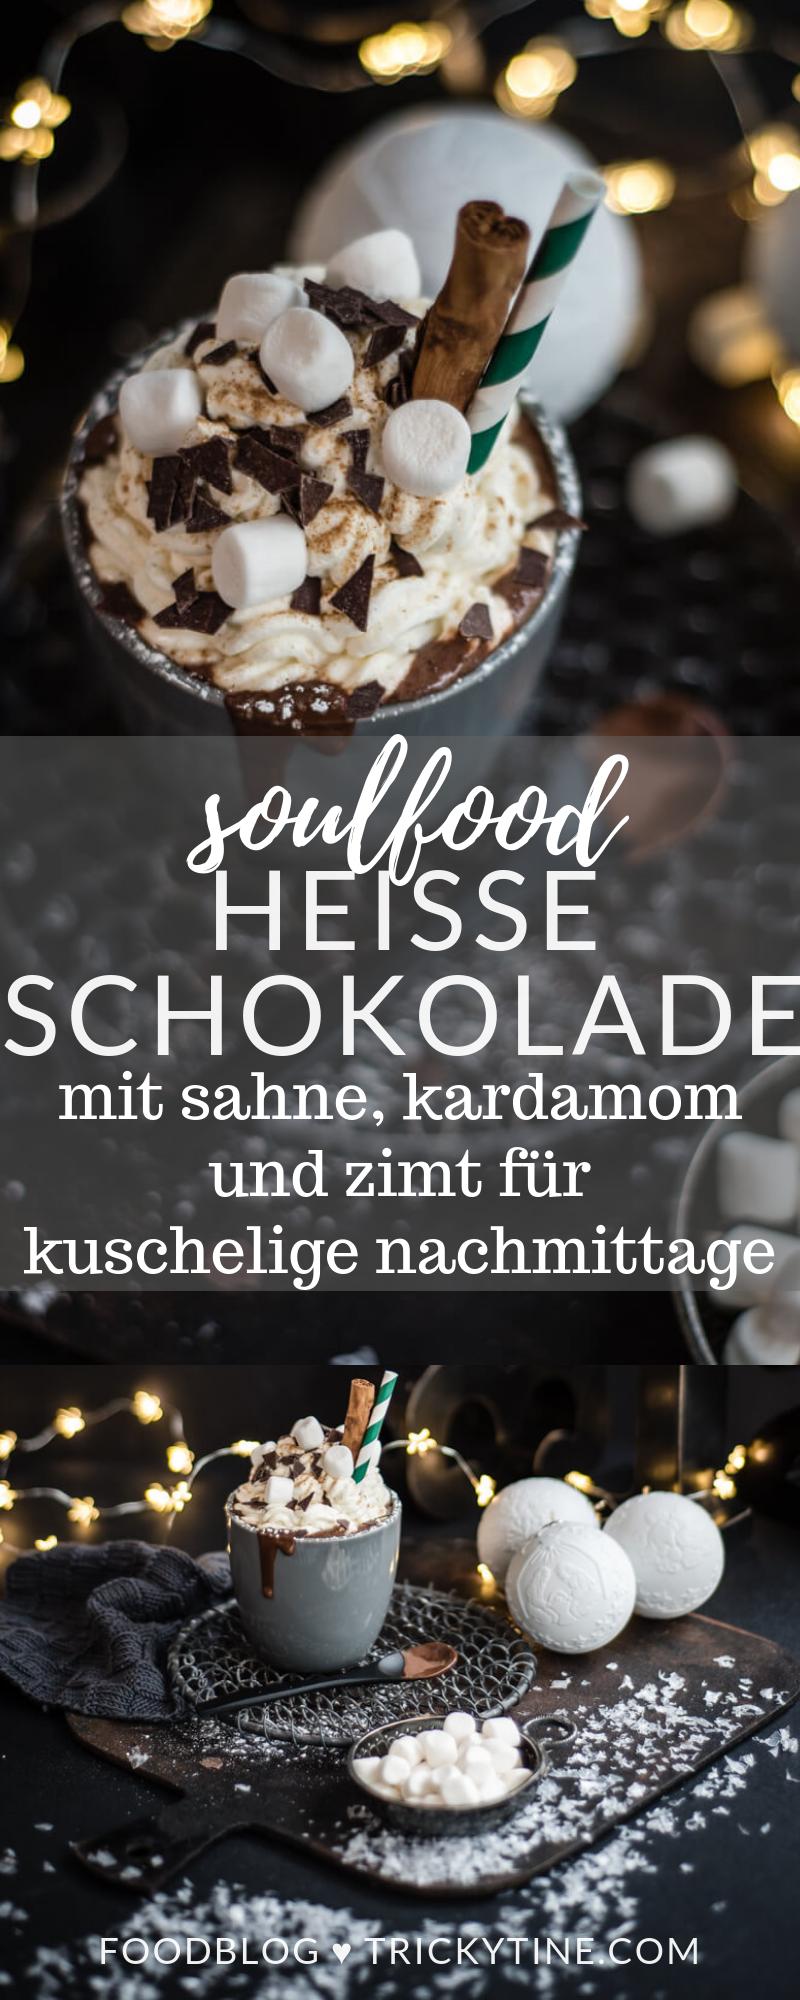 Heiße Schokolade mit Sahne, Zimt und Kardamom - trickytine